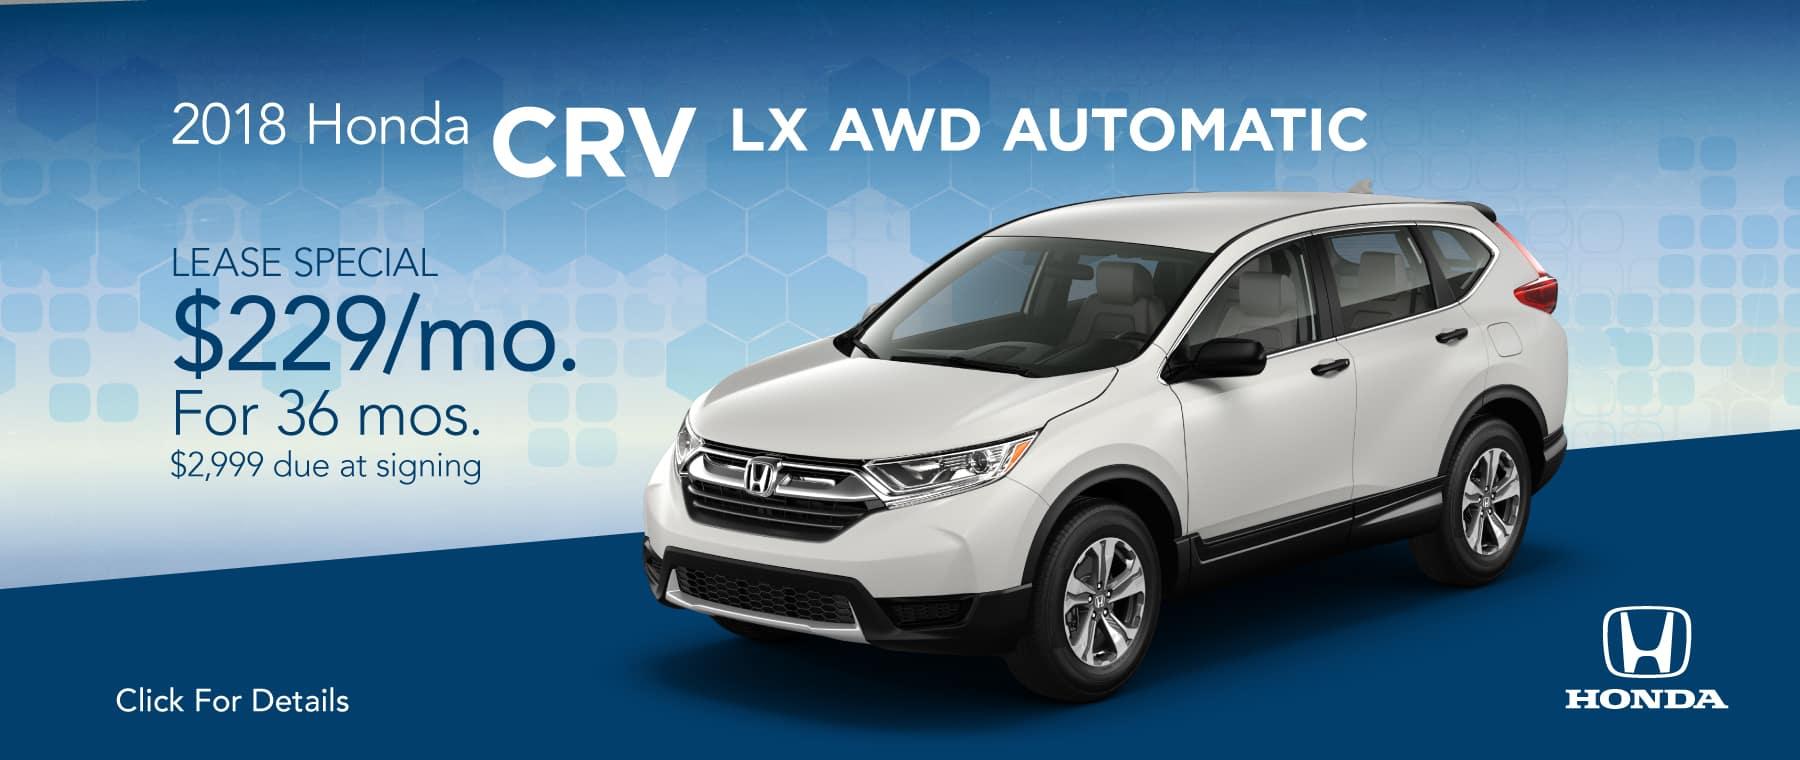 2018 Honda CRV LX AWD Automatic  $229/mo. For 36 mos. $2,999 due at signing*